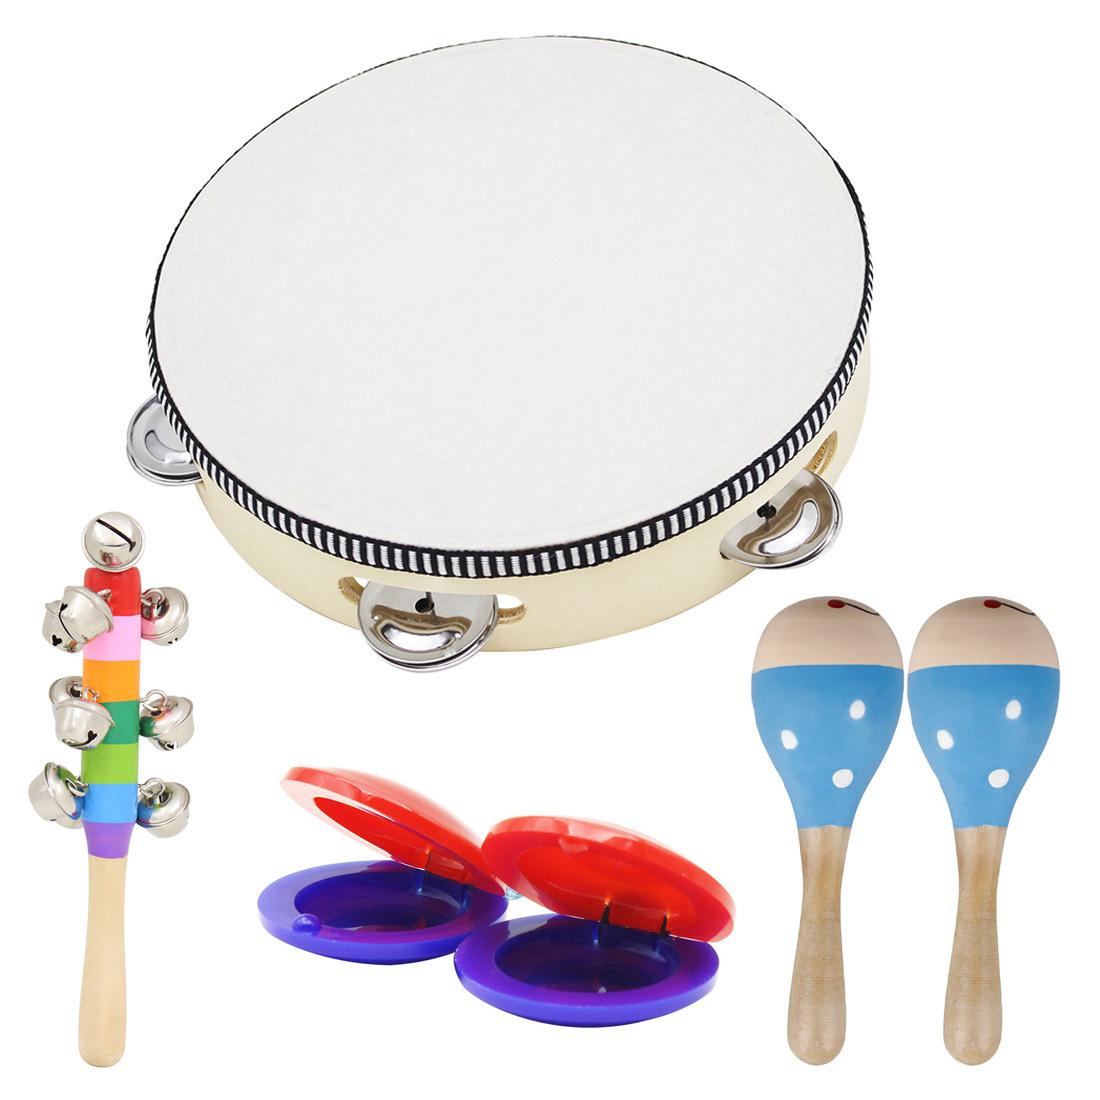 Заумный твой муж музыкальные инструменты костюм шесть наборы ребенок обучения в раннем возрасте музыка музыкальные инструменты игрушка сочетание 6 наборы детский сад учить инструмент